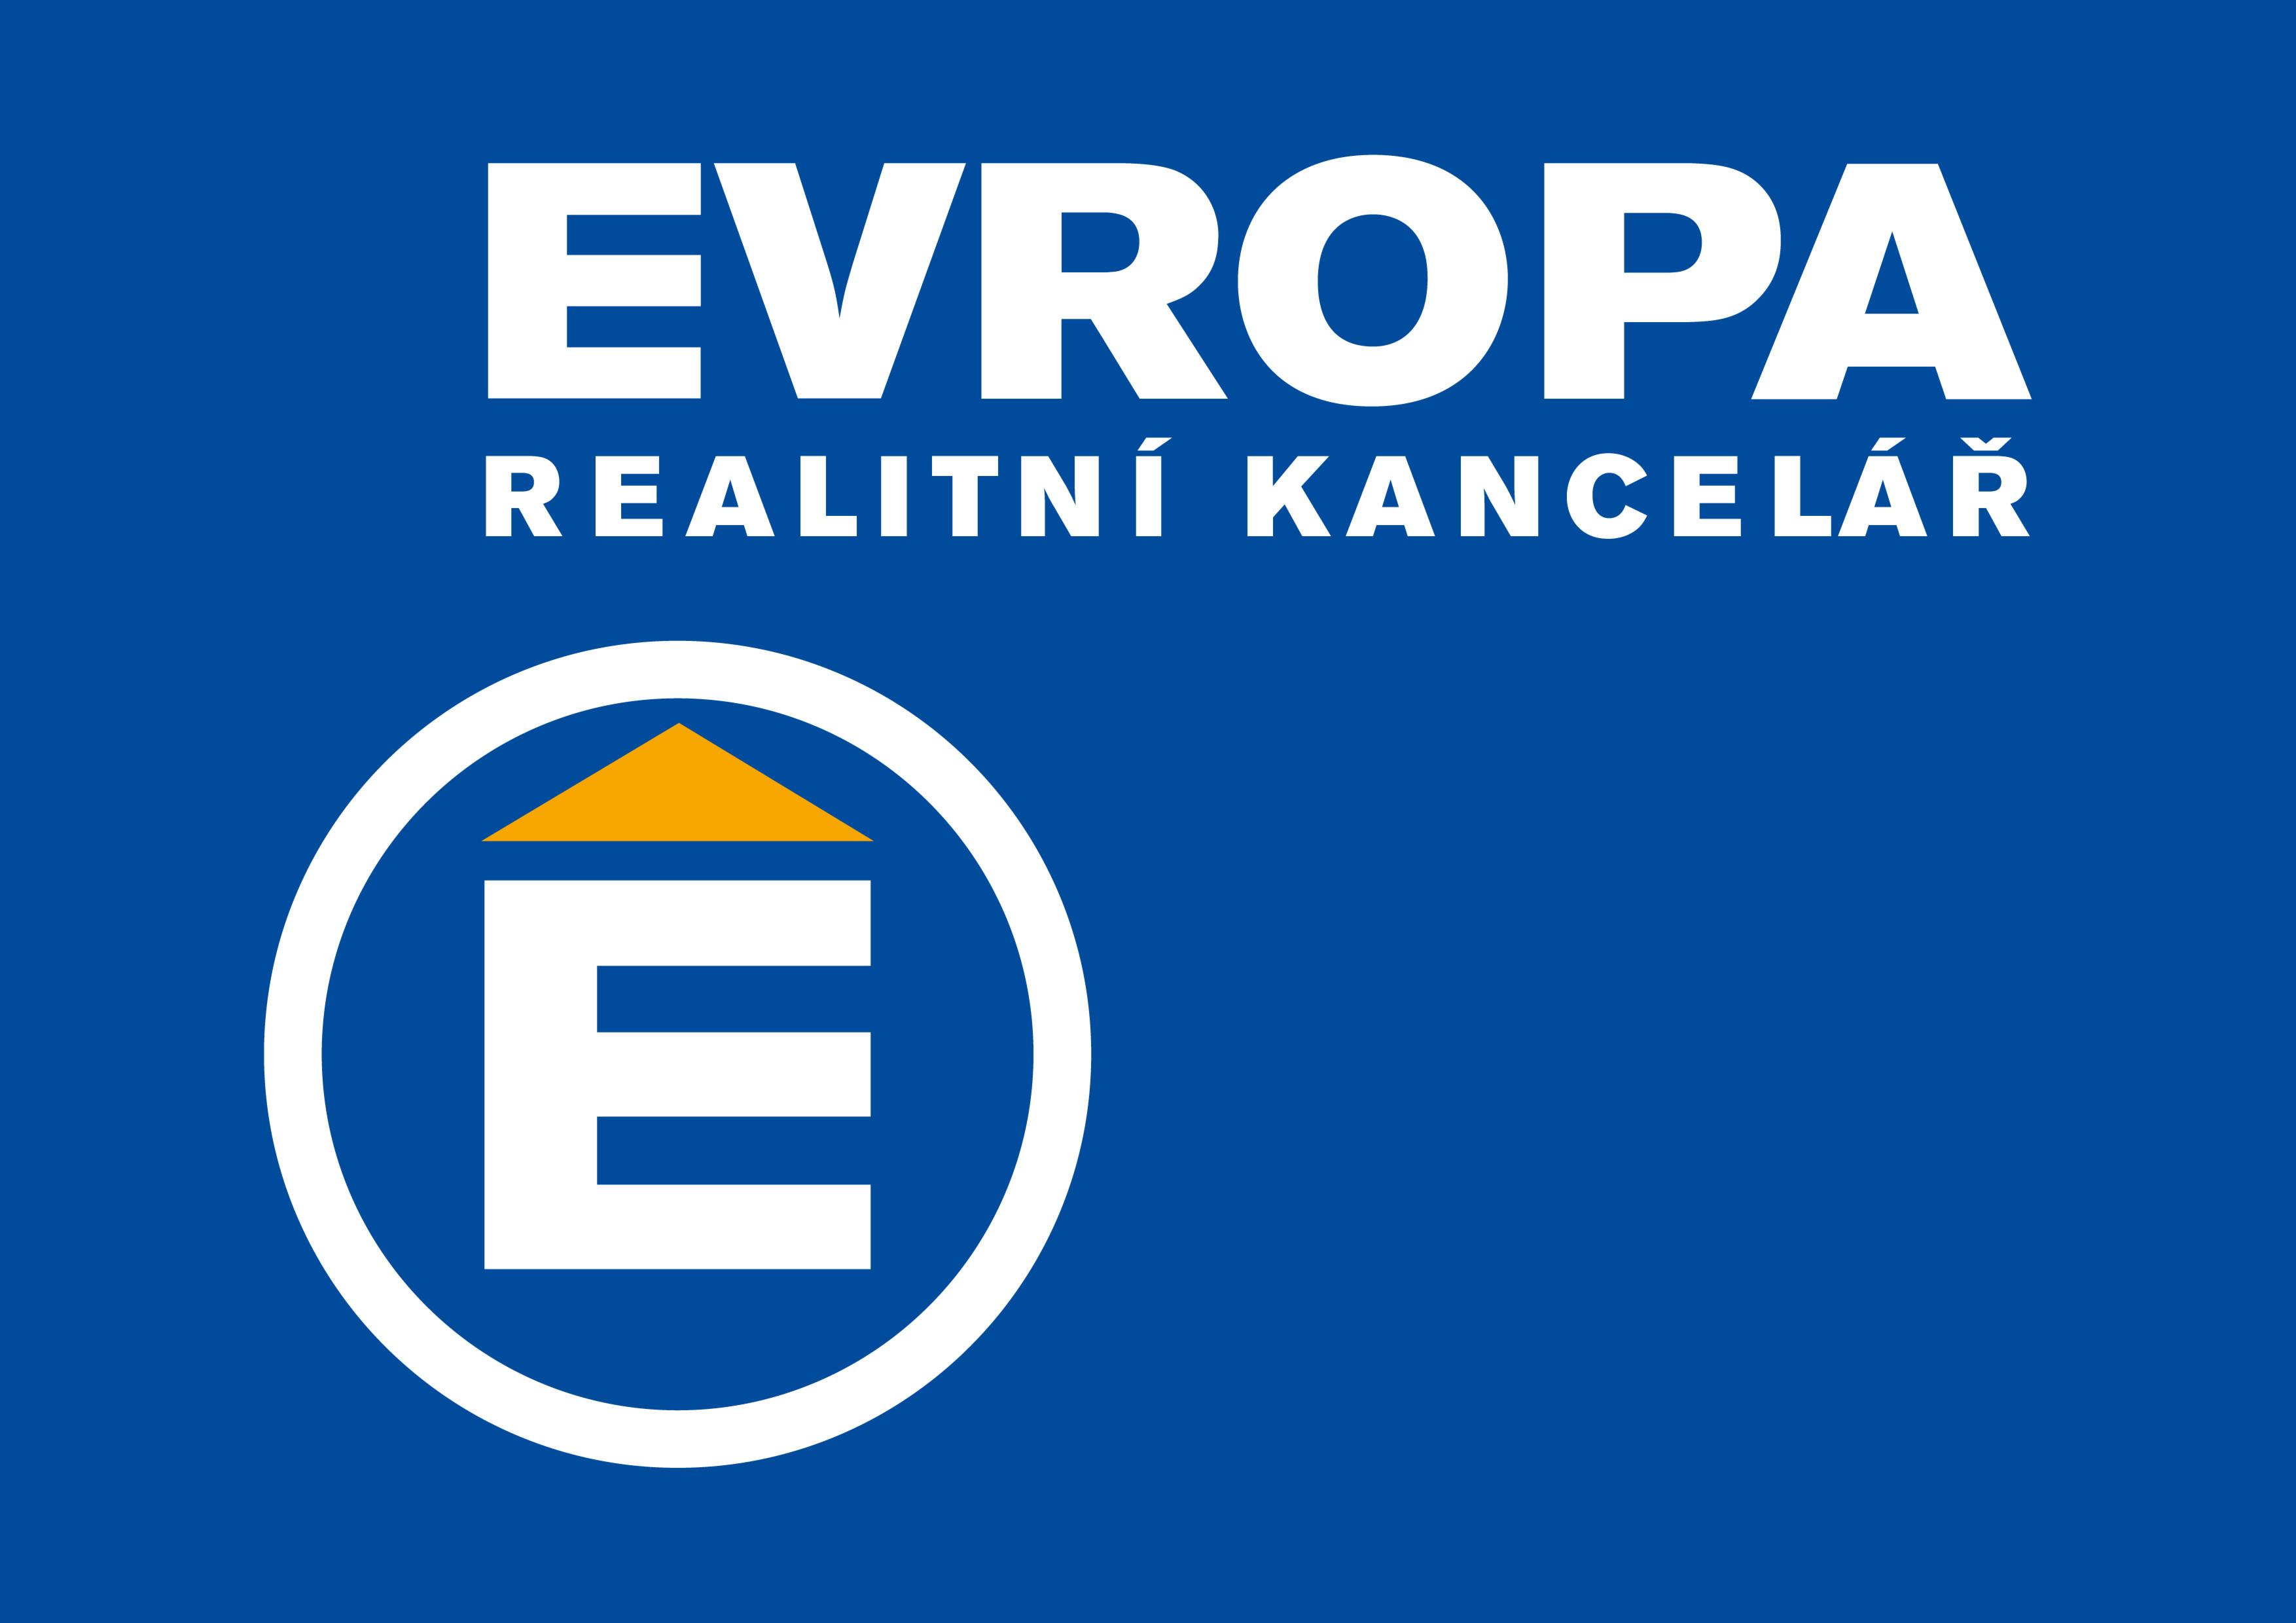 EVROPA realitní kancelář RAKOVNÍK